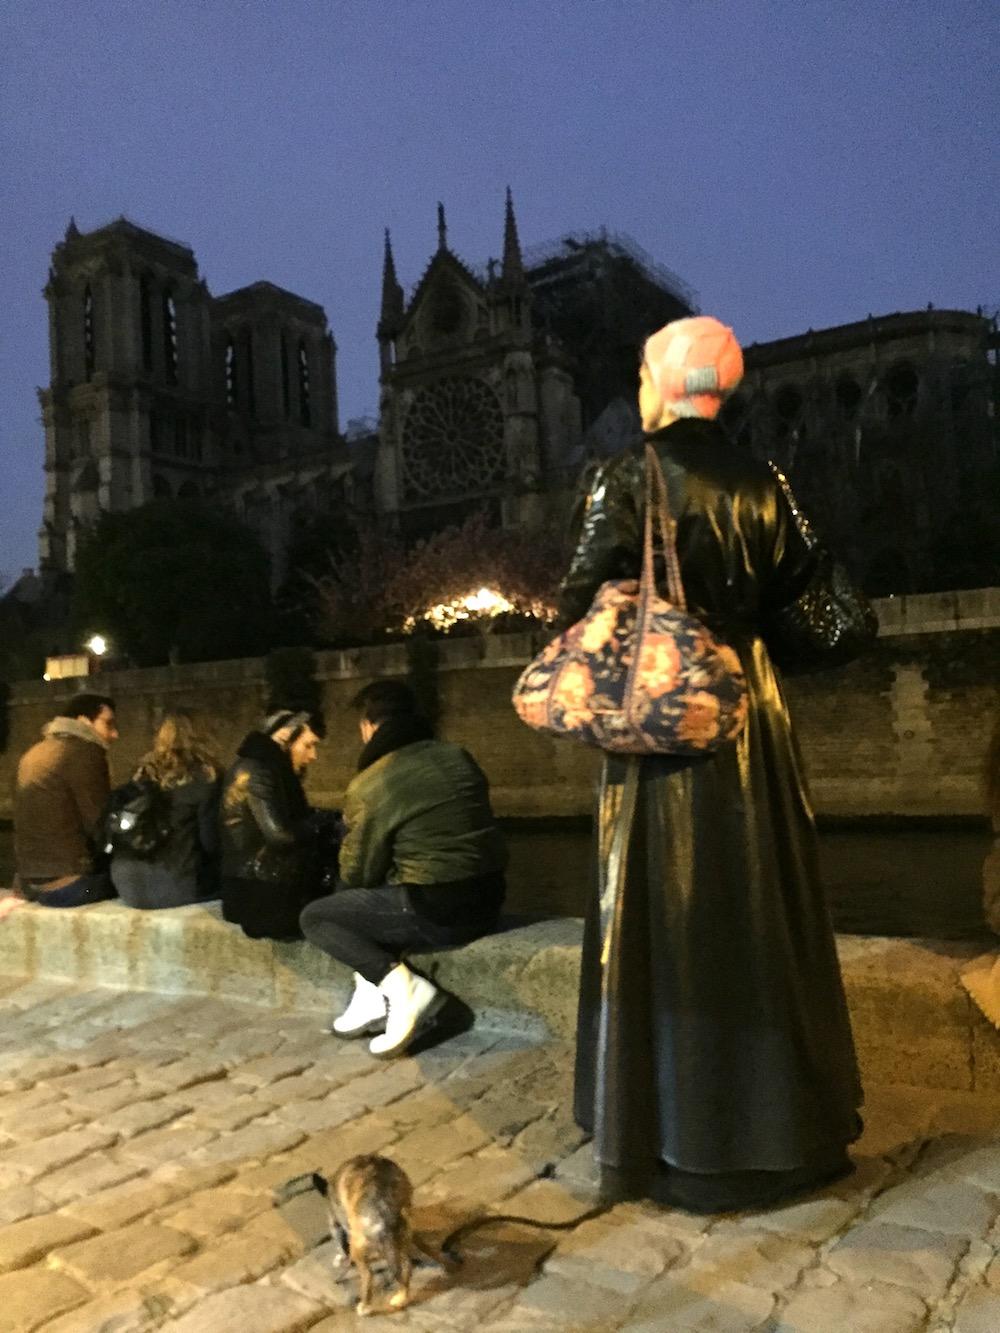 L'endeuillée devant Notre-Dame de Paris, le lendemain de l'incendie, 17 avril 2019